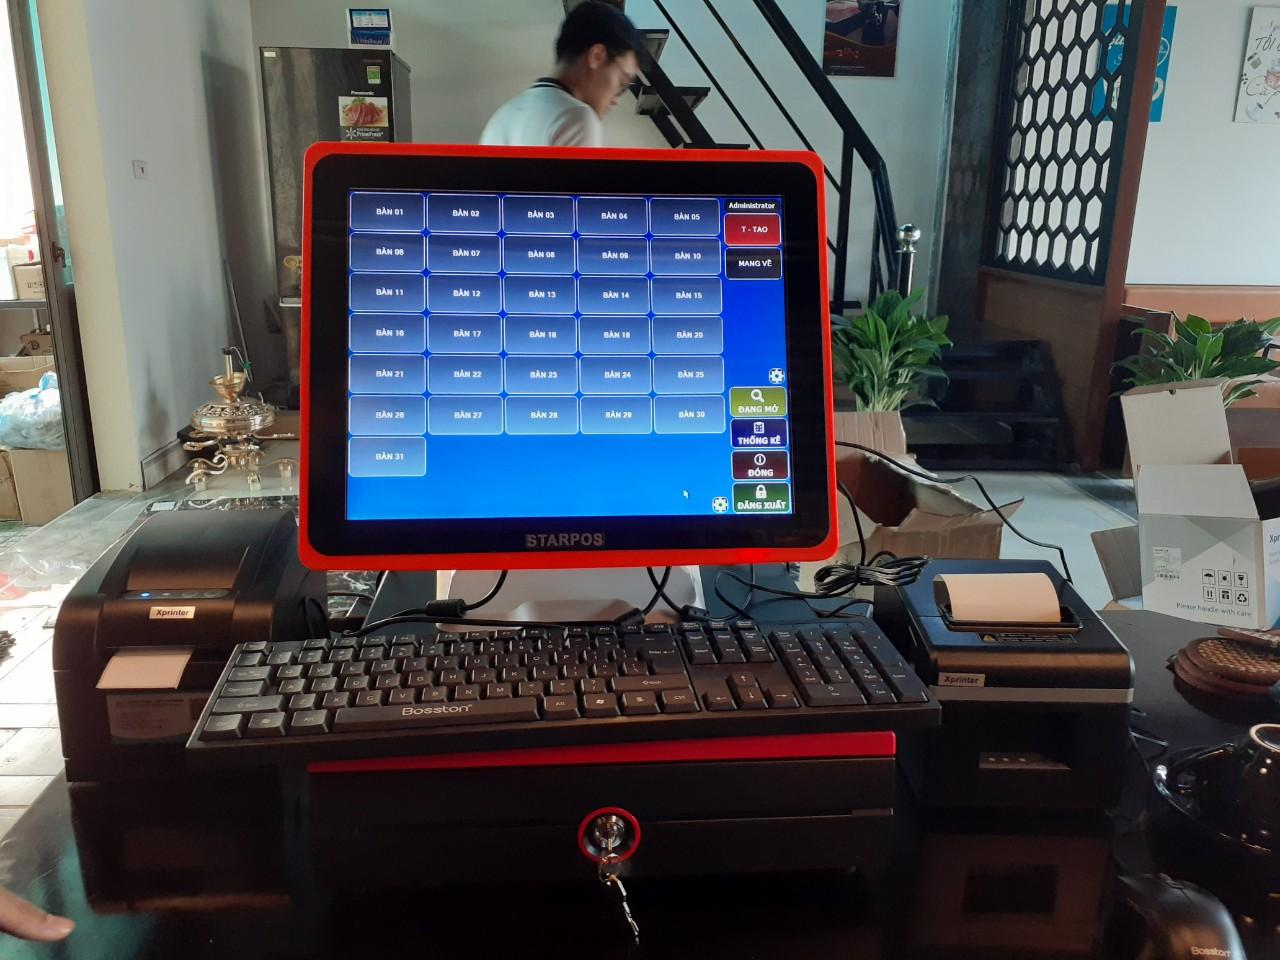 Trọn bộ thiết bị máy tính tiền quán cafe nguyên khối tại Ninh Bình